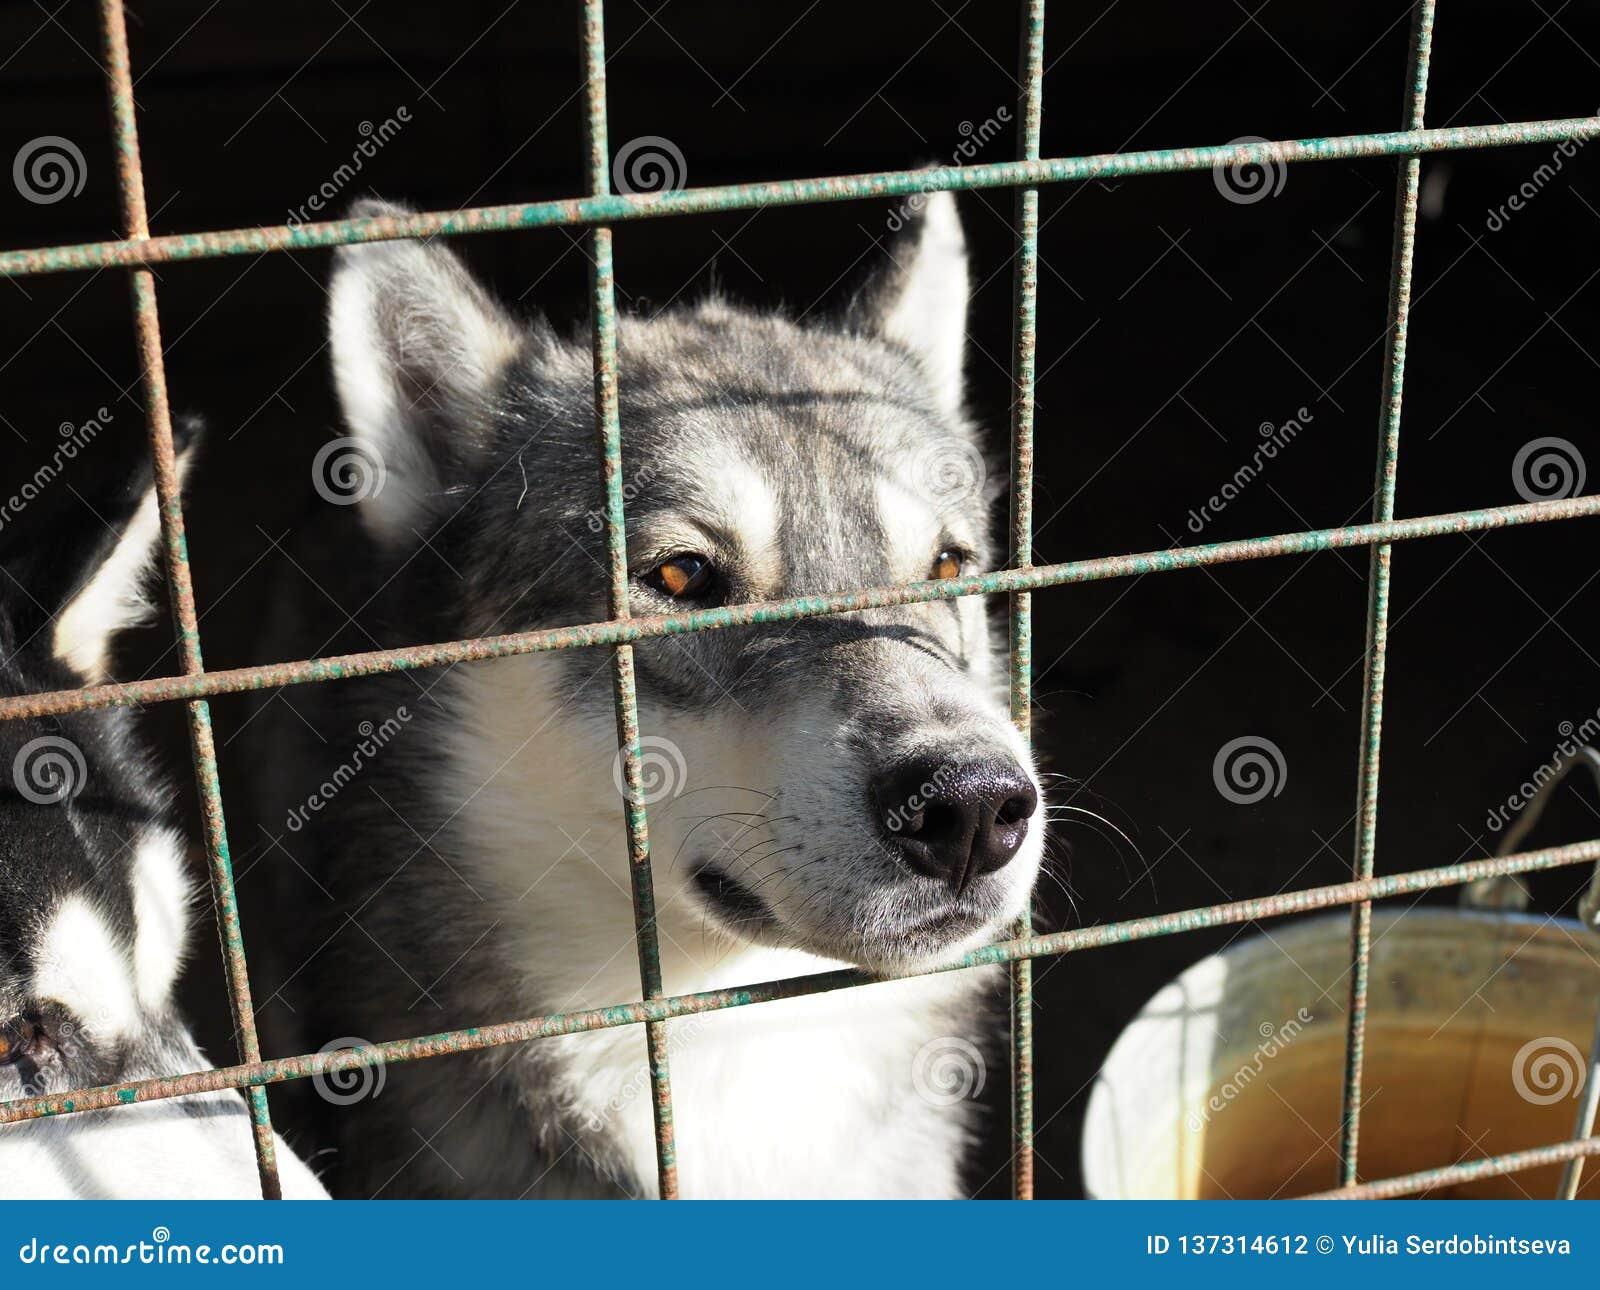 El perro del perro esquimal se pegó la nariz a través de la jaula